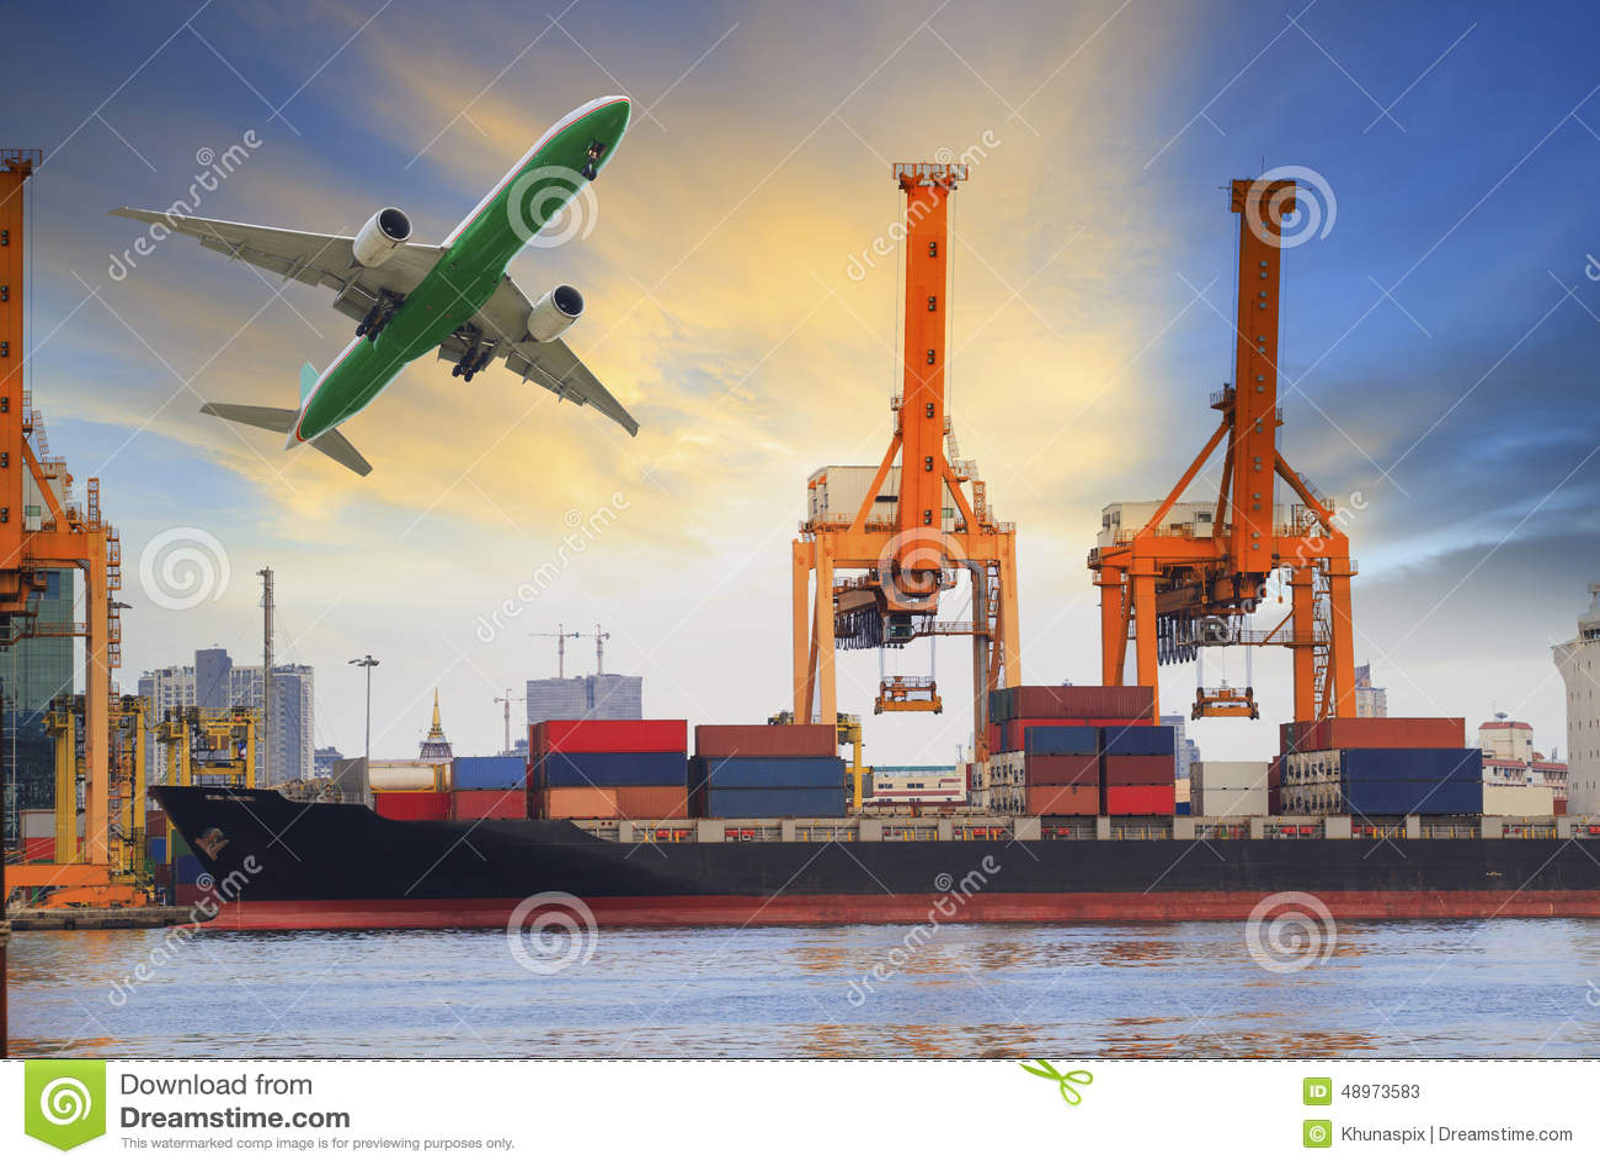 Cargamento de portacontenedores en puerto y avión de carga que vuela arriba para la industria del agua y del transporte aéreo